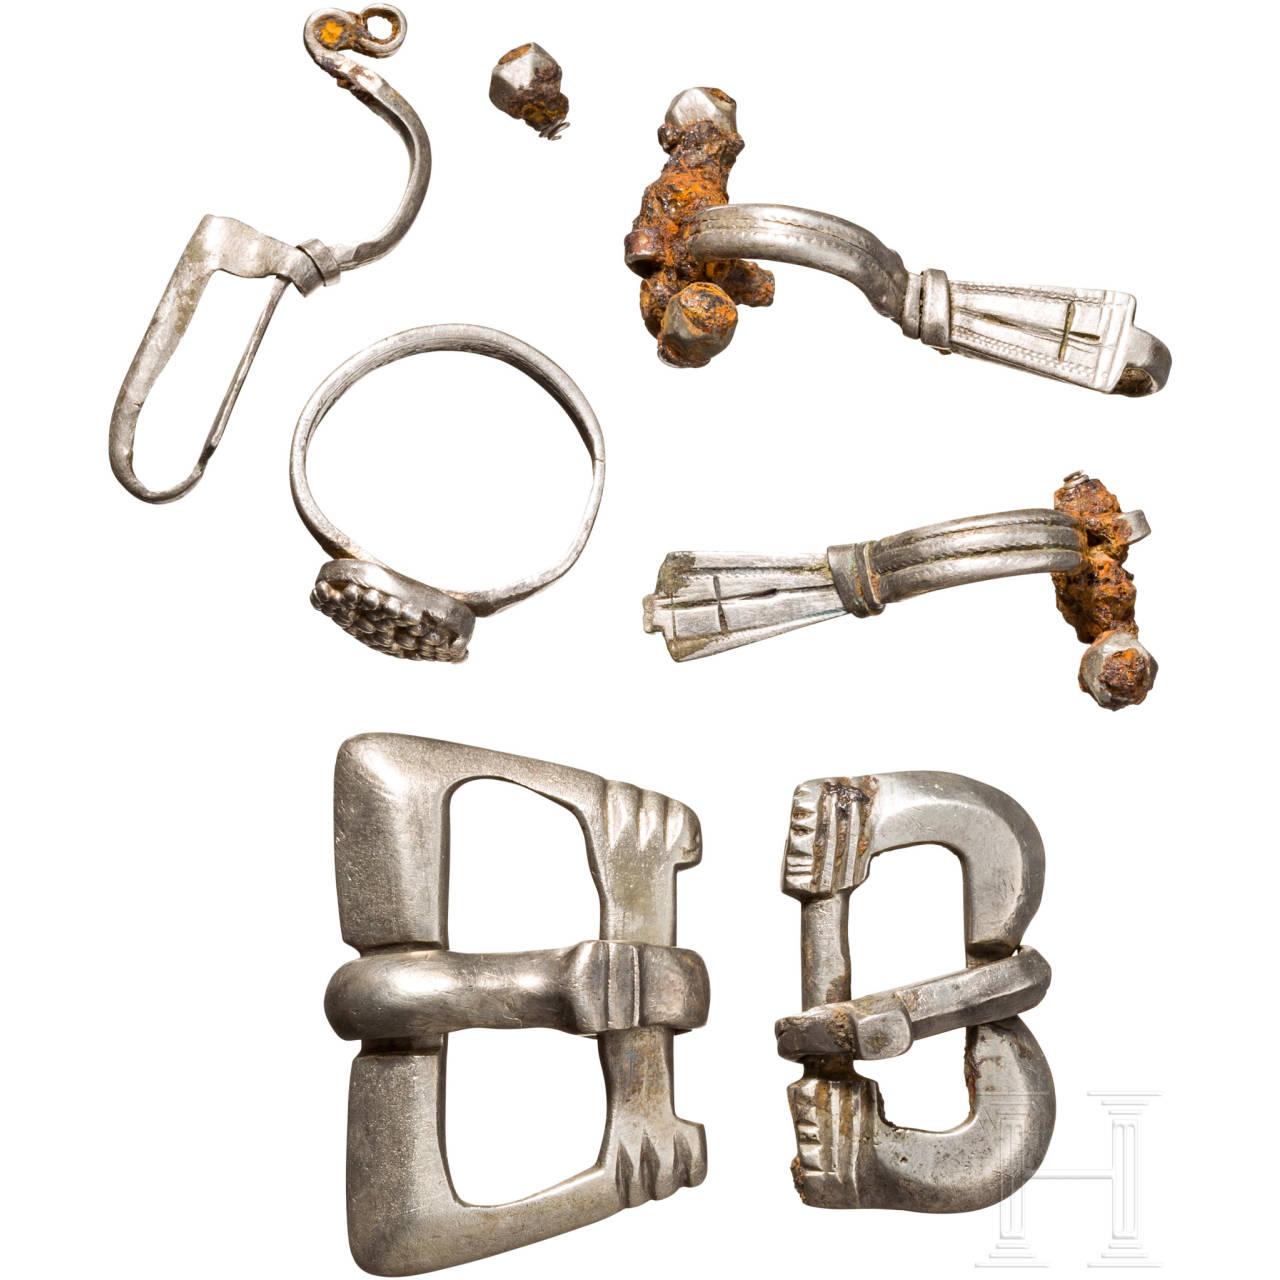 Drei Fibeln, zwei Gürtelschnallen und ein Ring, Silber, frühbyzantinisch, 6. Jhdt.